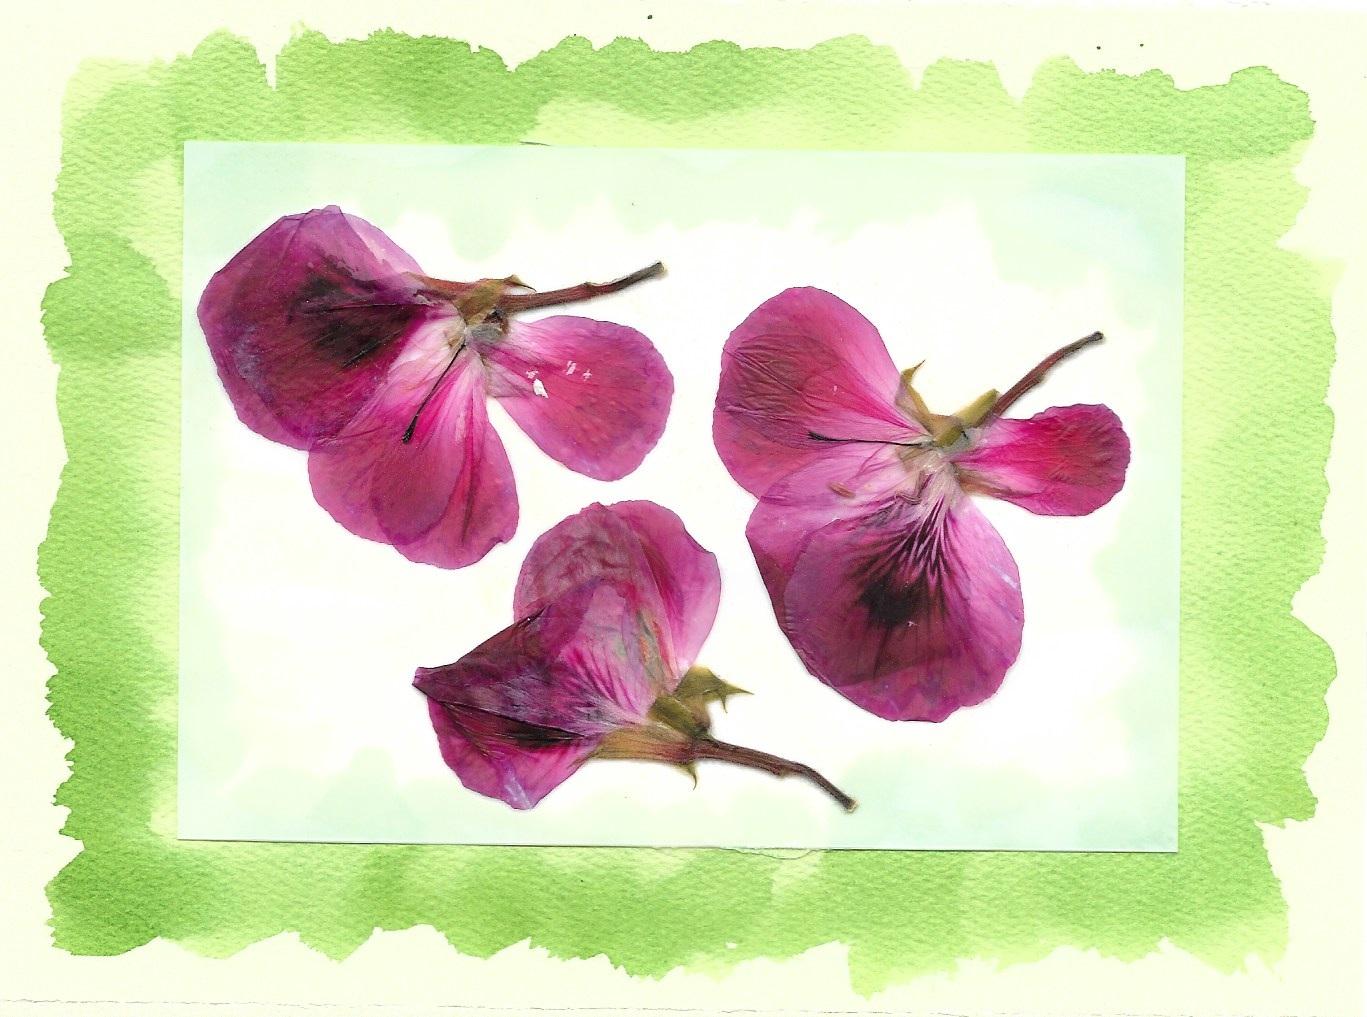 Pressed geranium